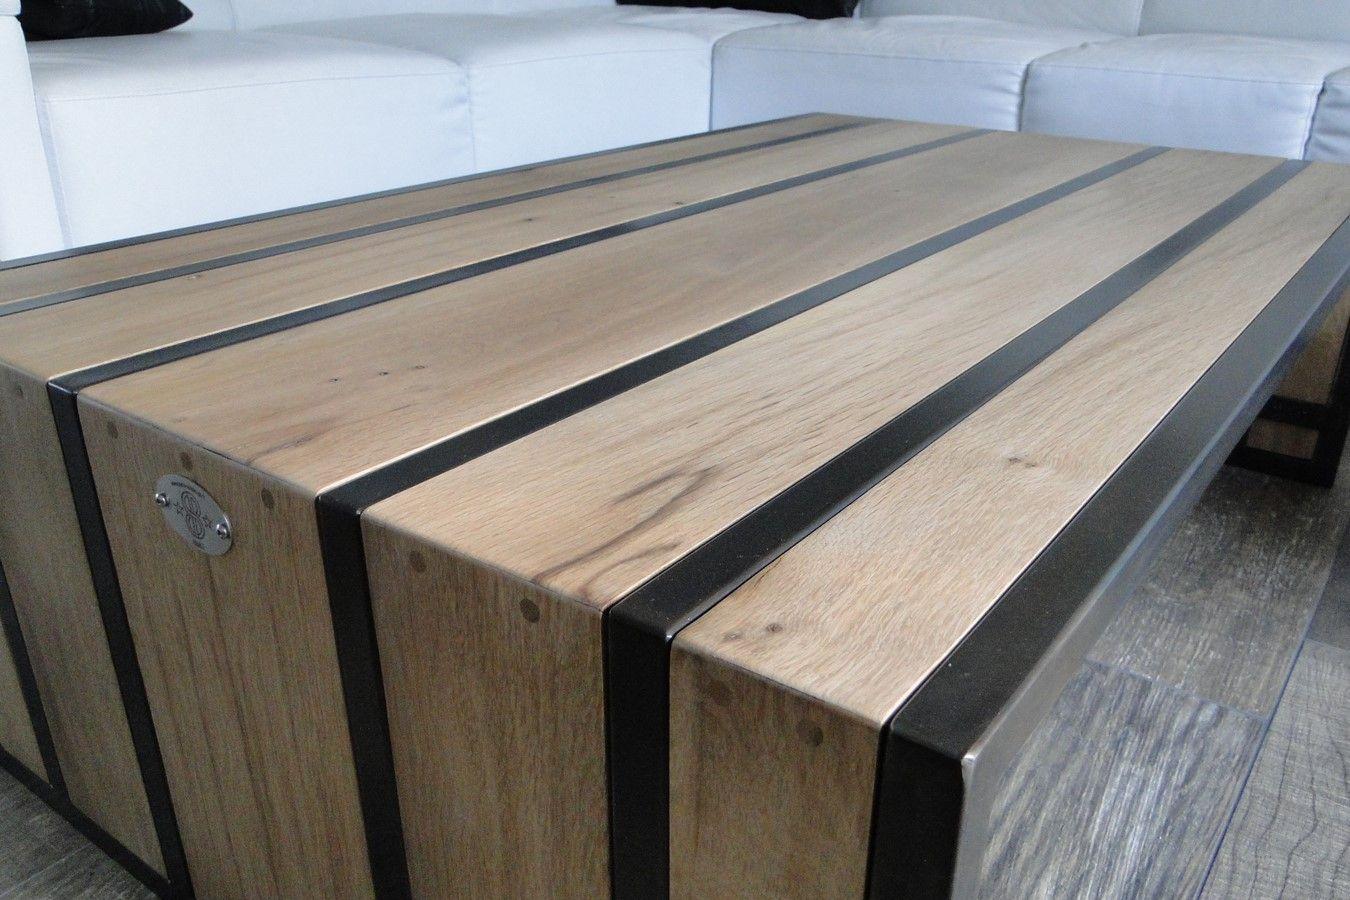 conception et fabrication de mobilier contemporain acier bois metal cr ateur artisanal table. Black Bedroom Furniture Sets. Home Design Ideas